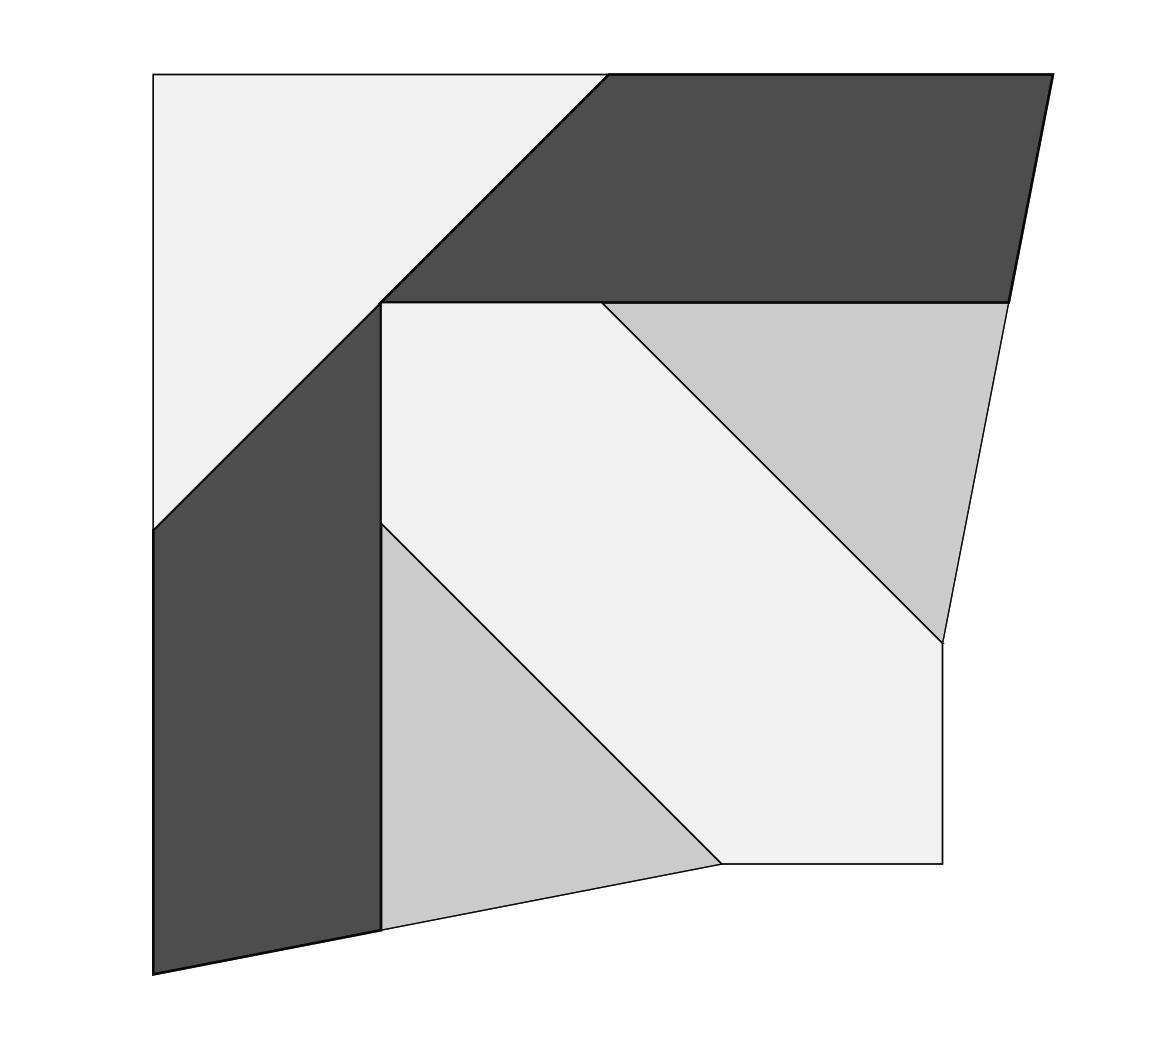 Diagrams2-08